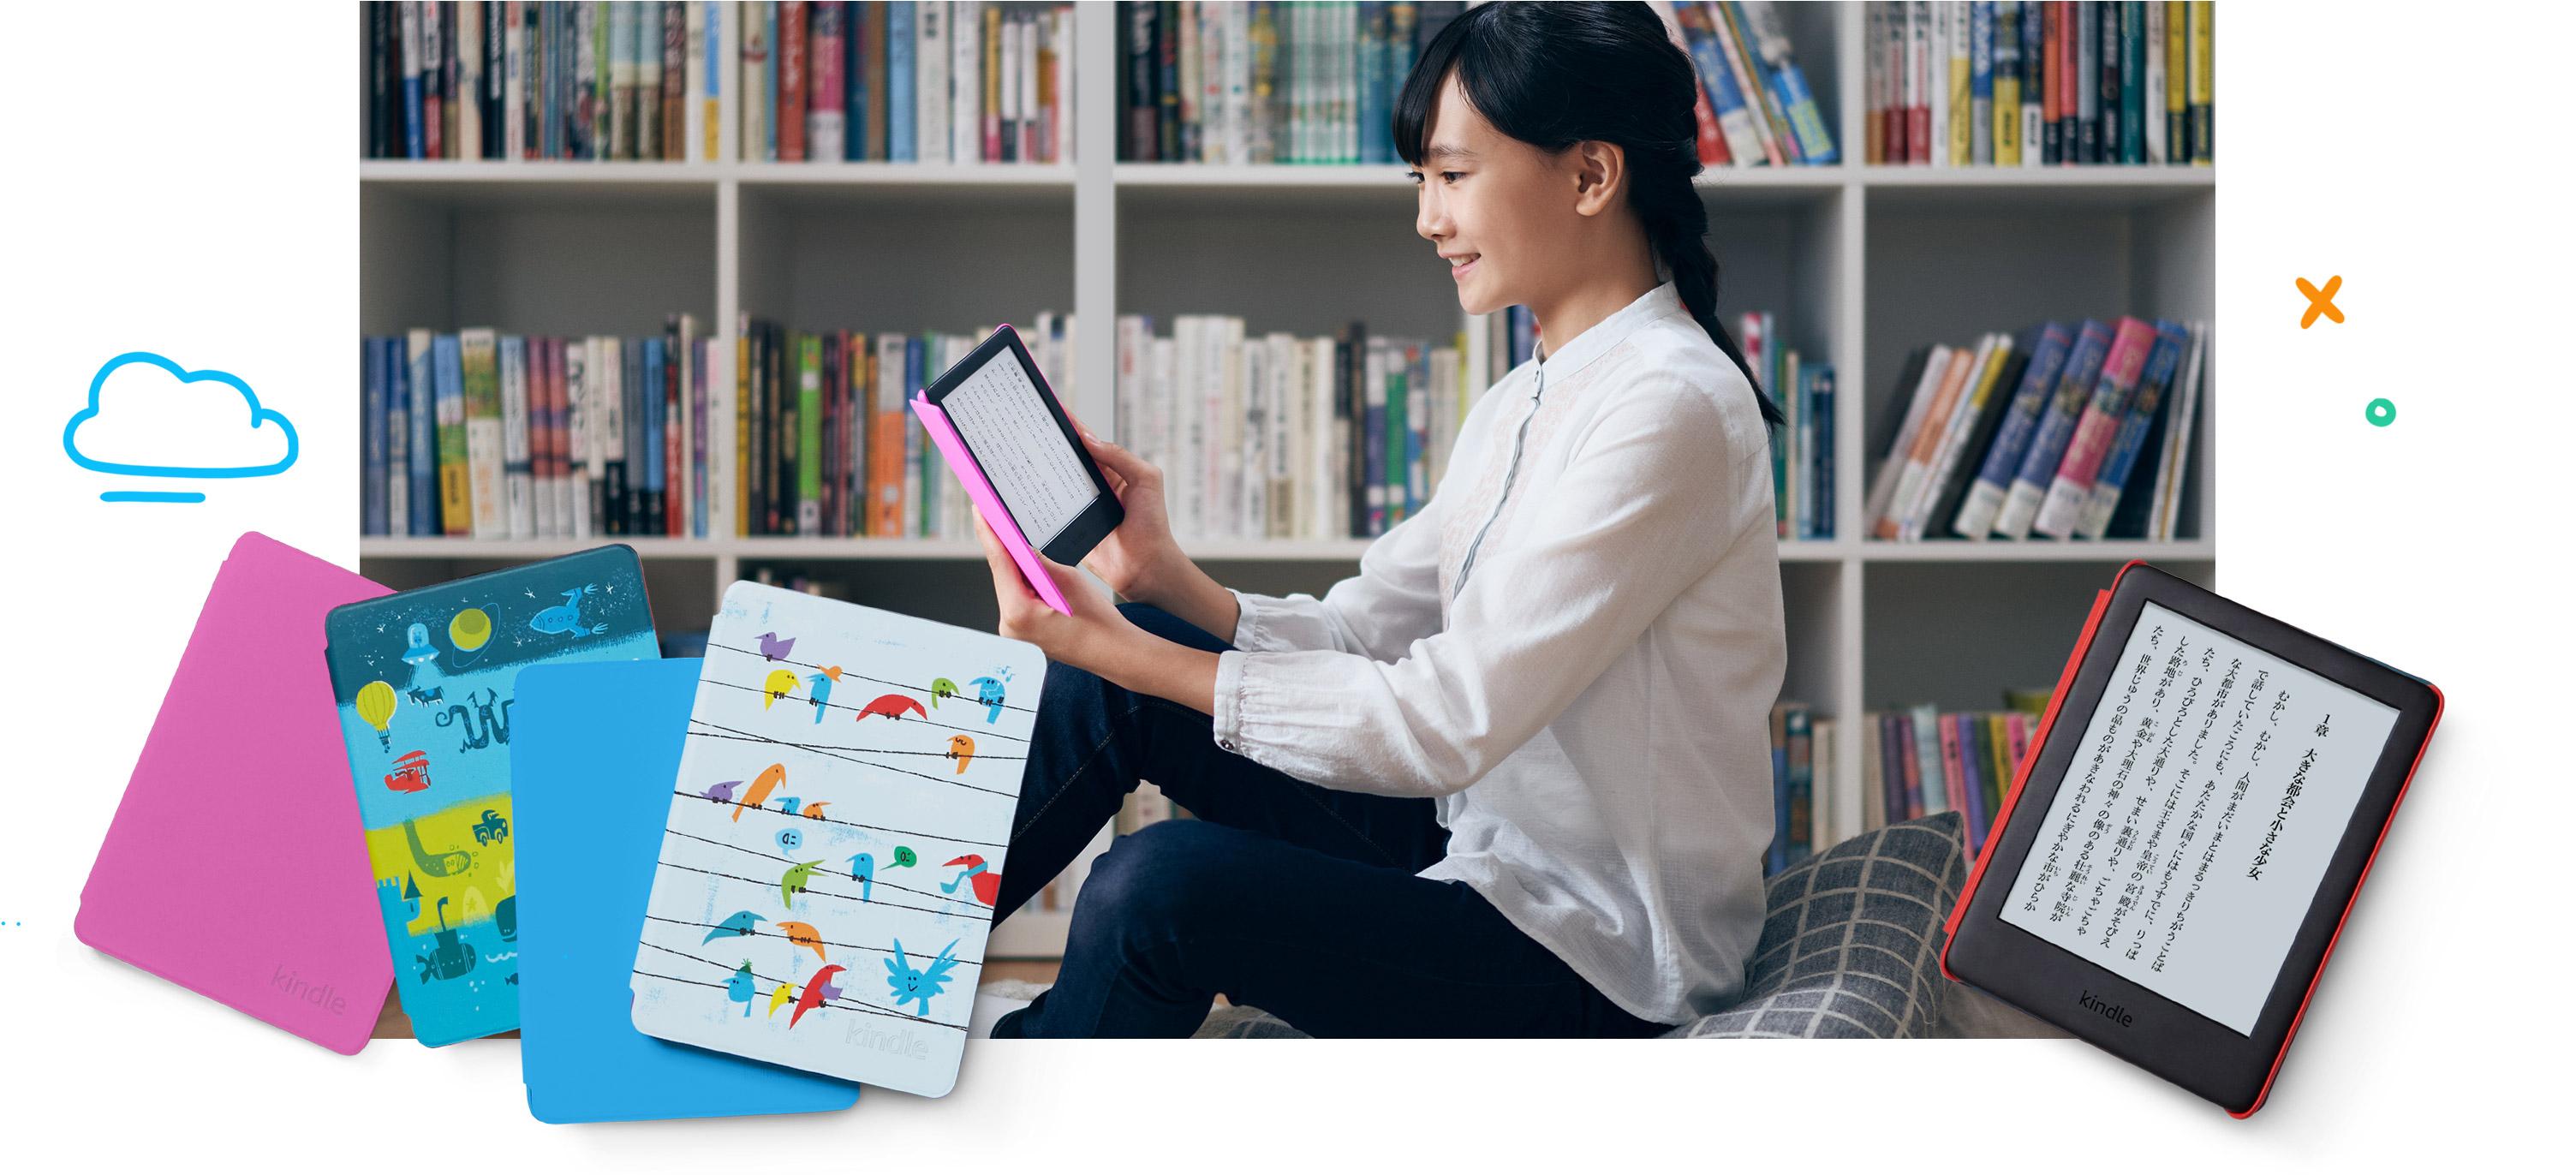 出典: Amazon『Kindle キッズモデル』Kindle キッズモデル